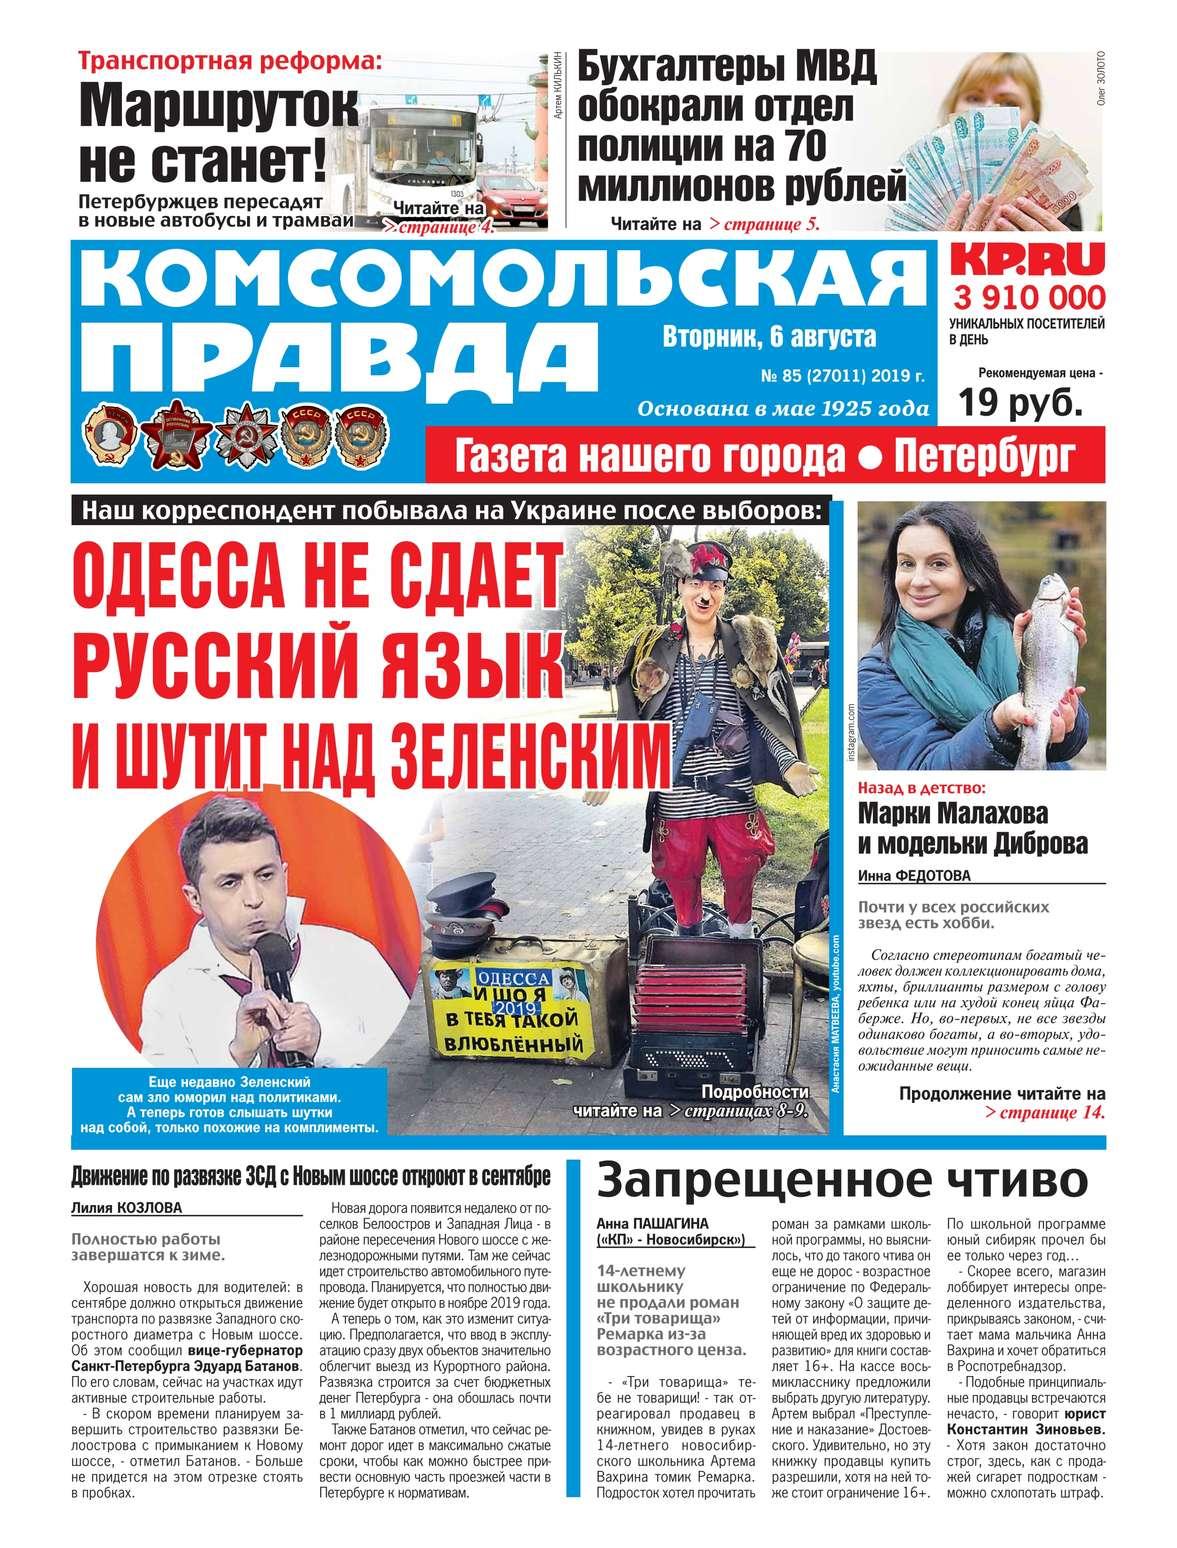 Комсомольская Правда. Санкт-Петербург 85-2019